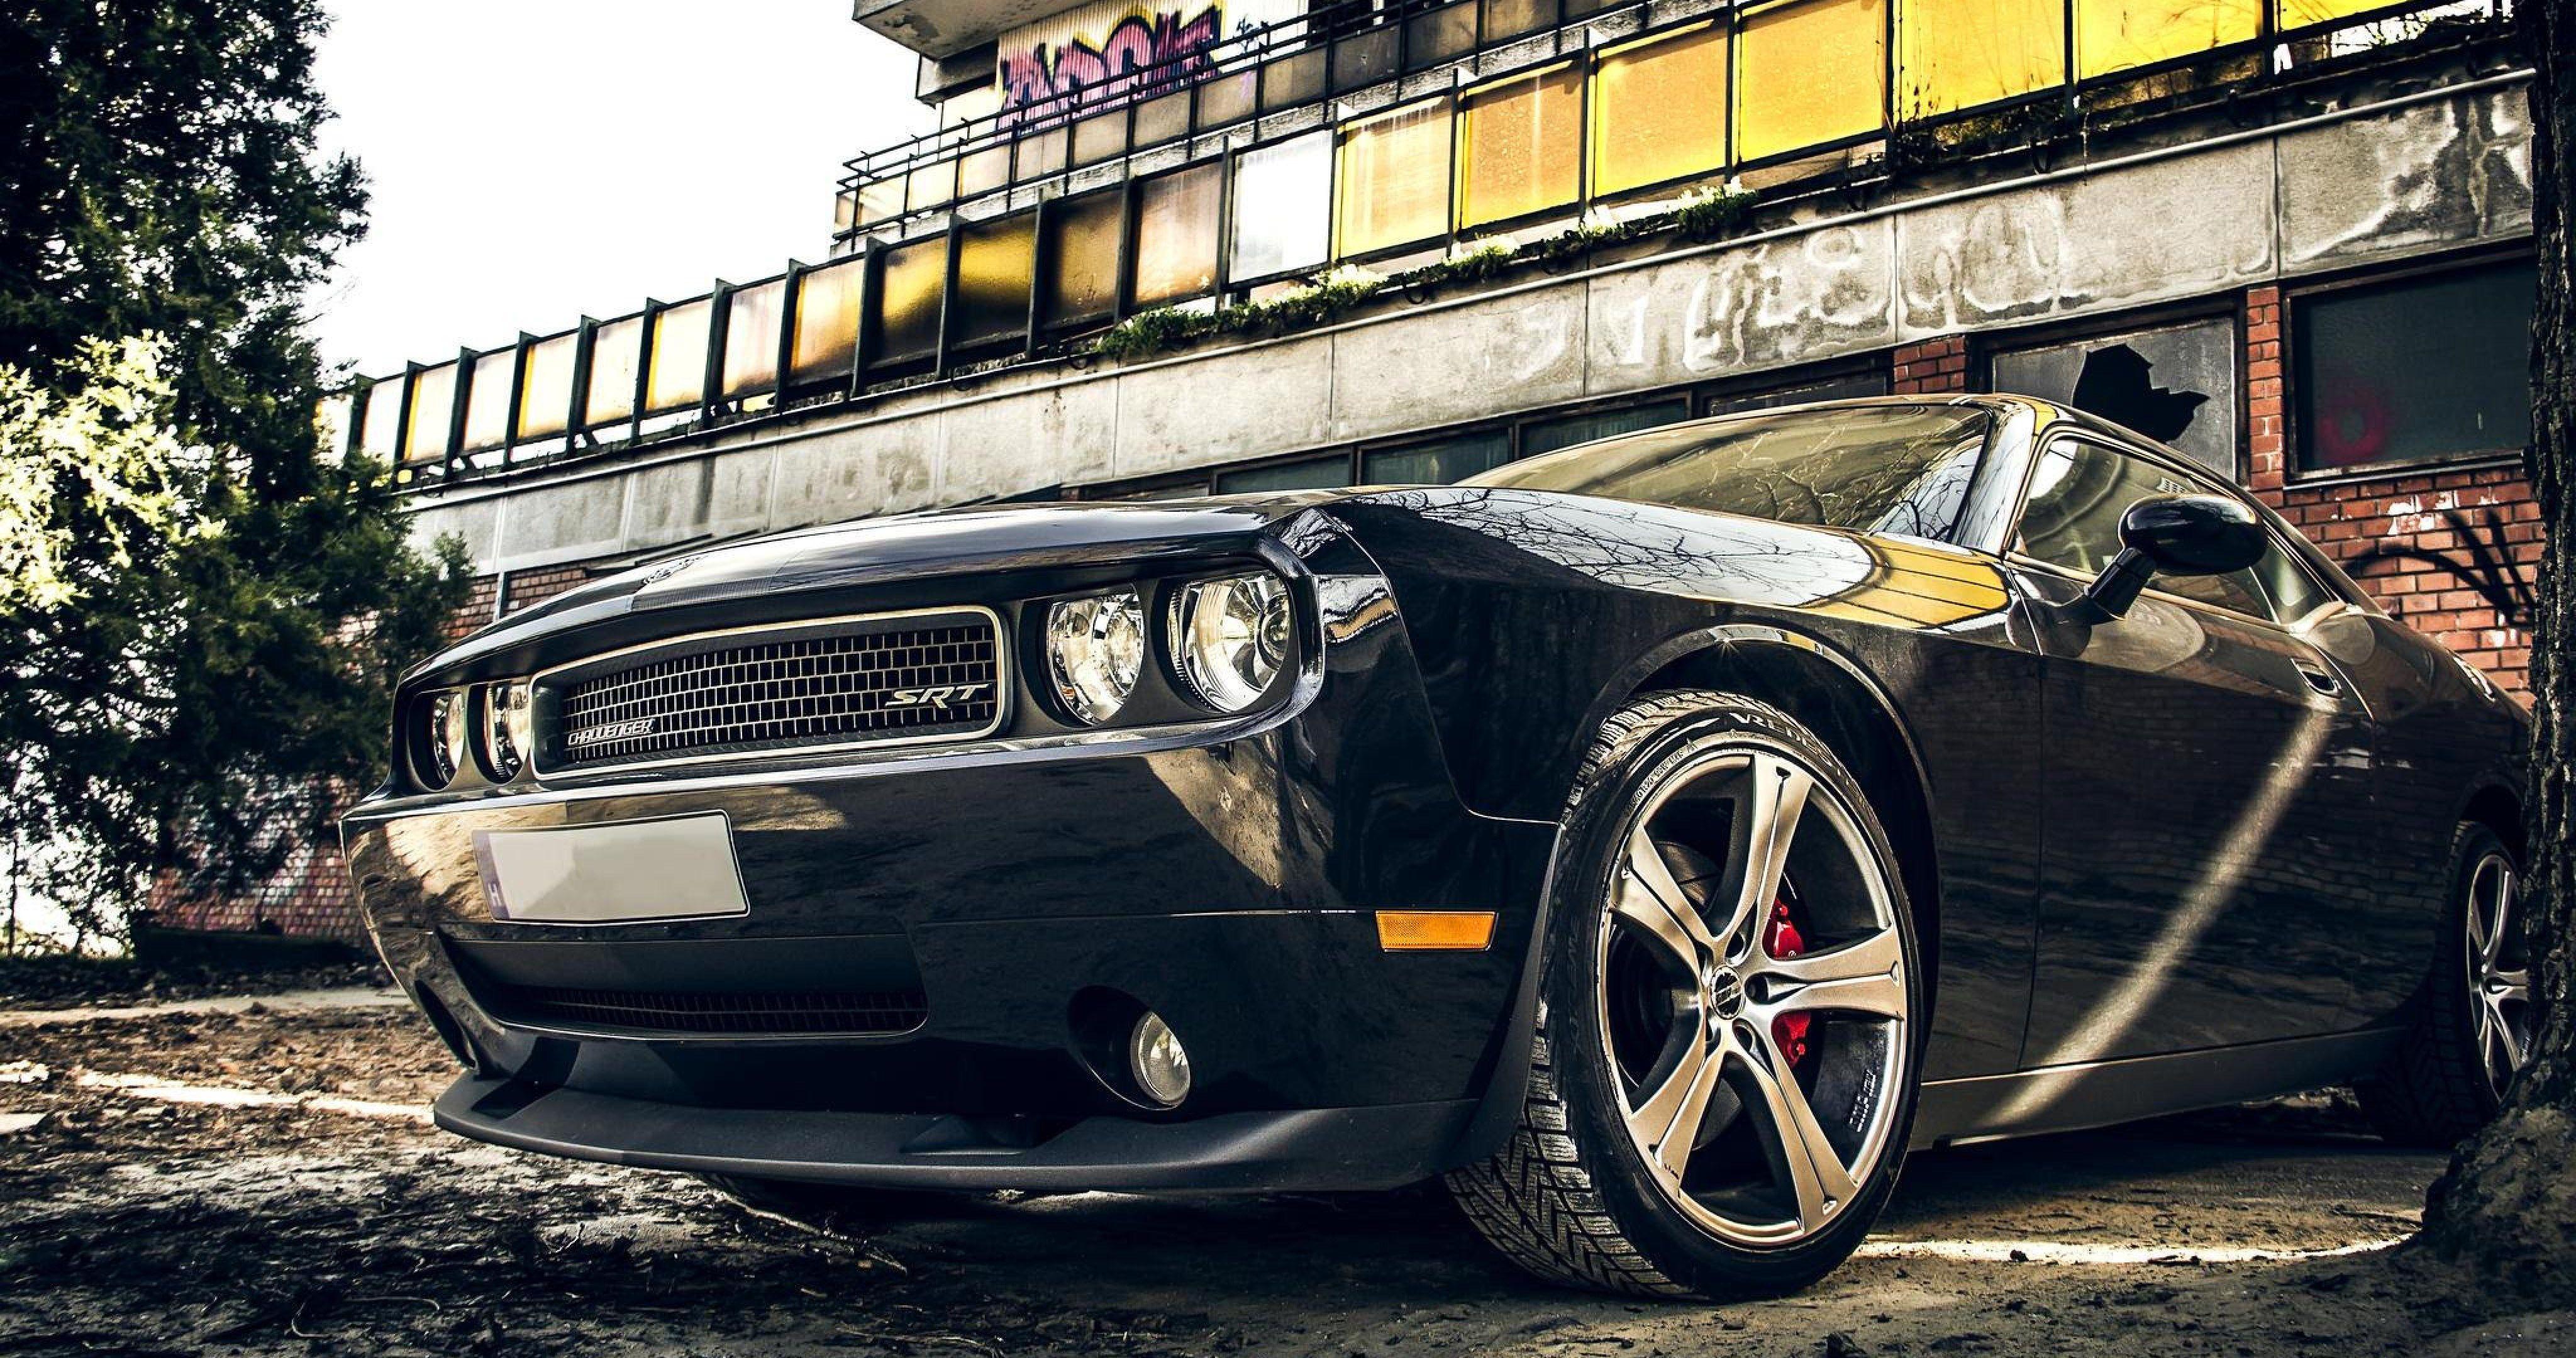 Imagenes De Carros Hd Wallpaper: Dodge Challenger Car 4k Ultra Hd Wallpaper